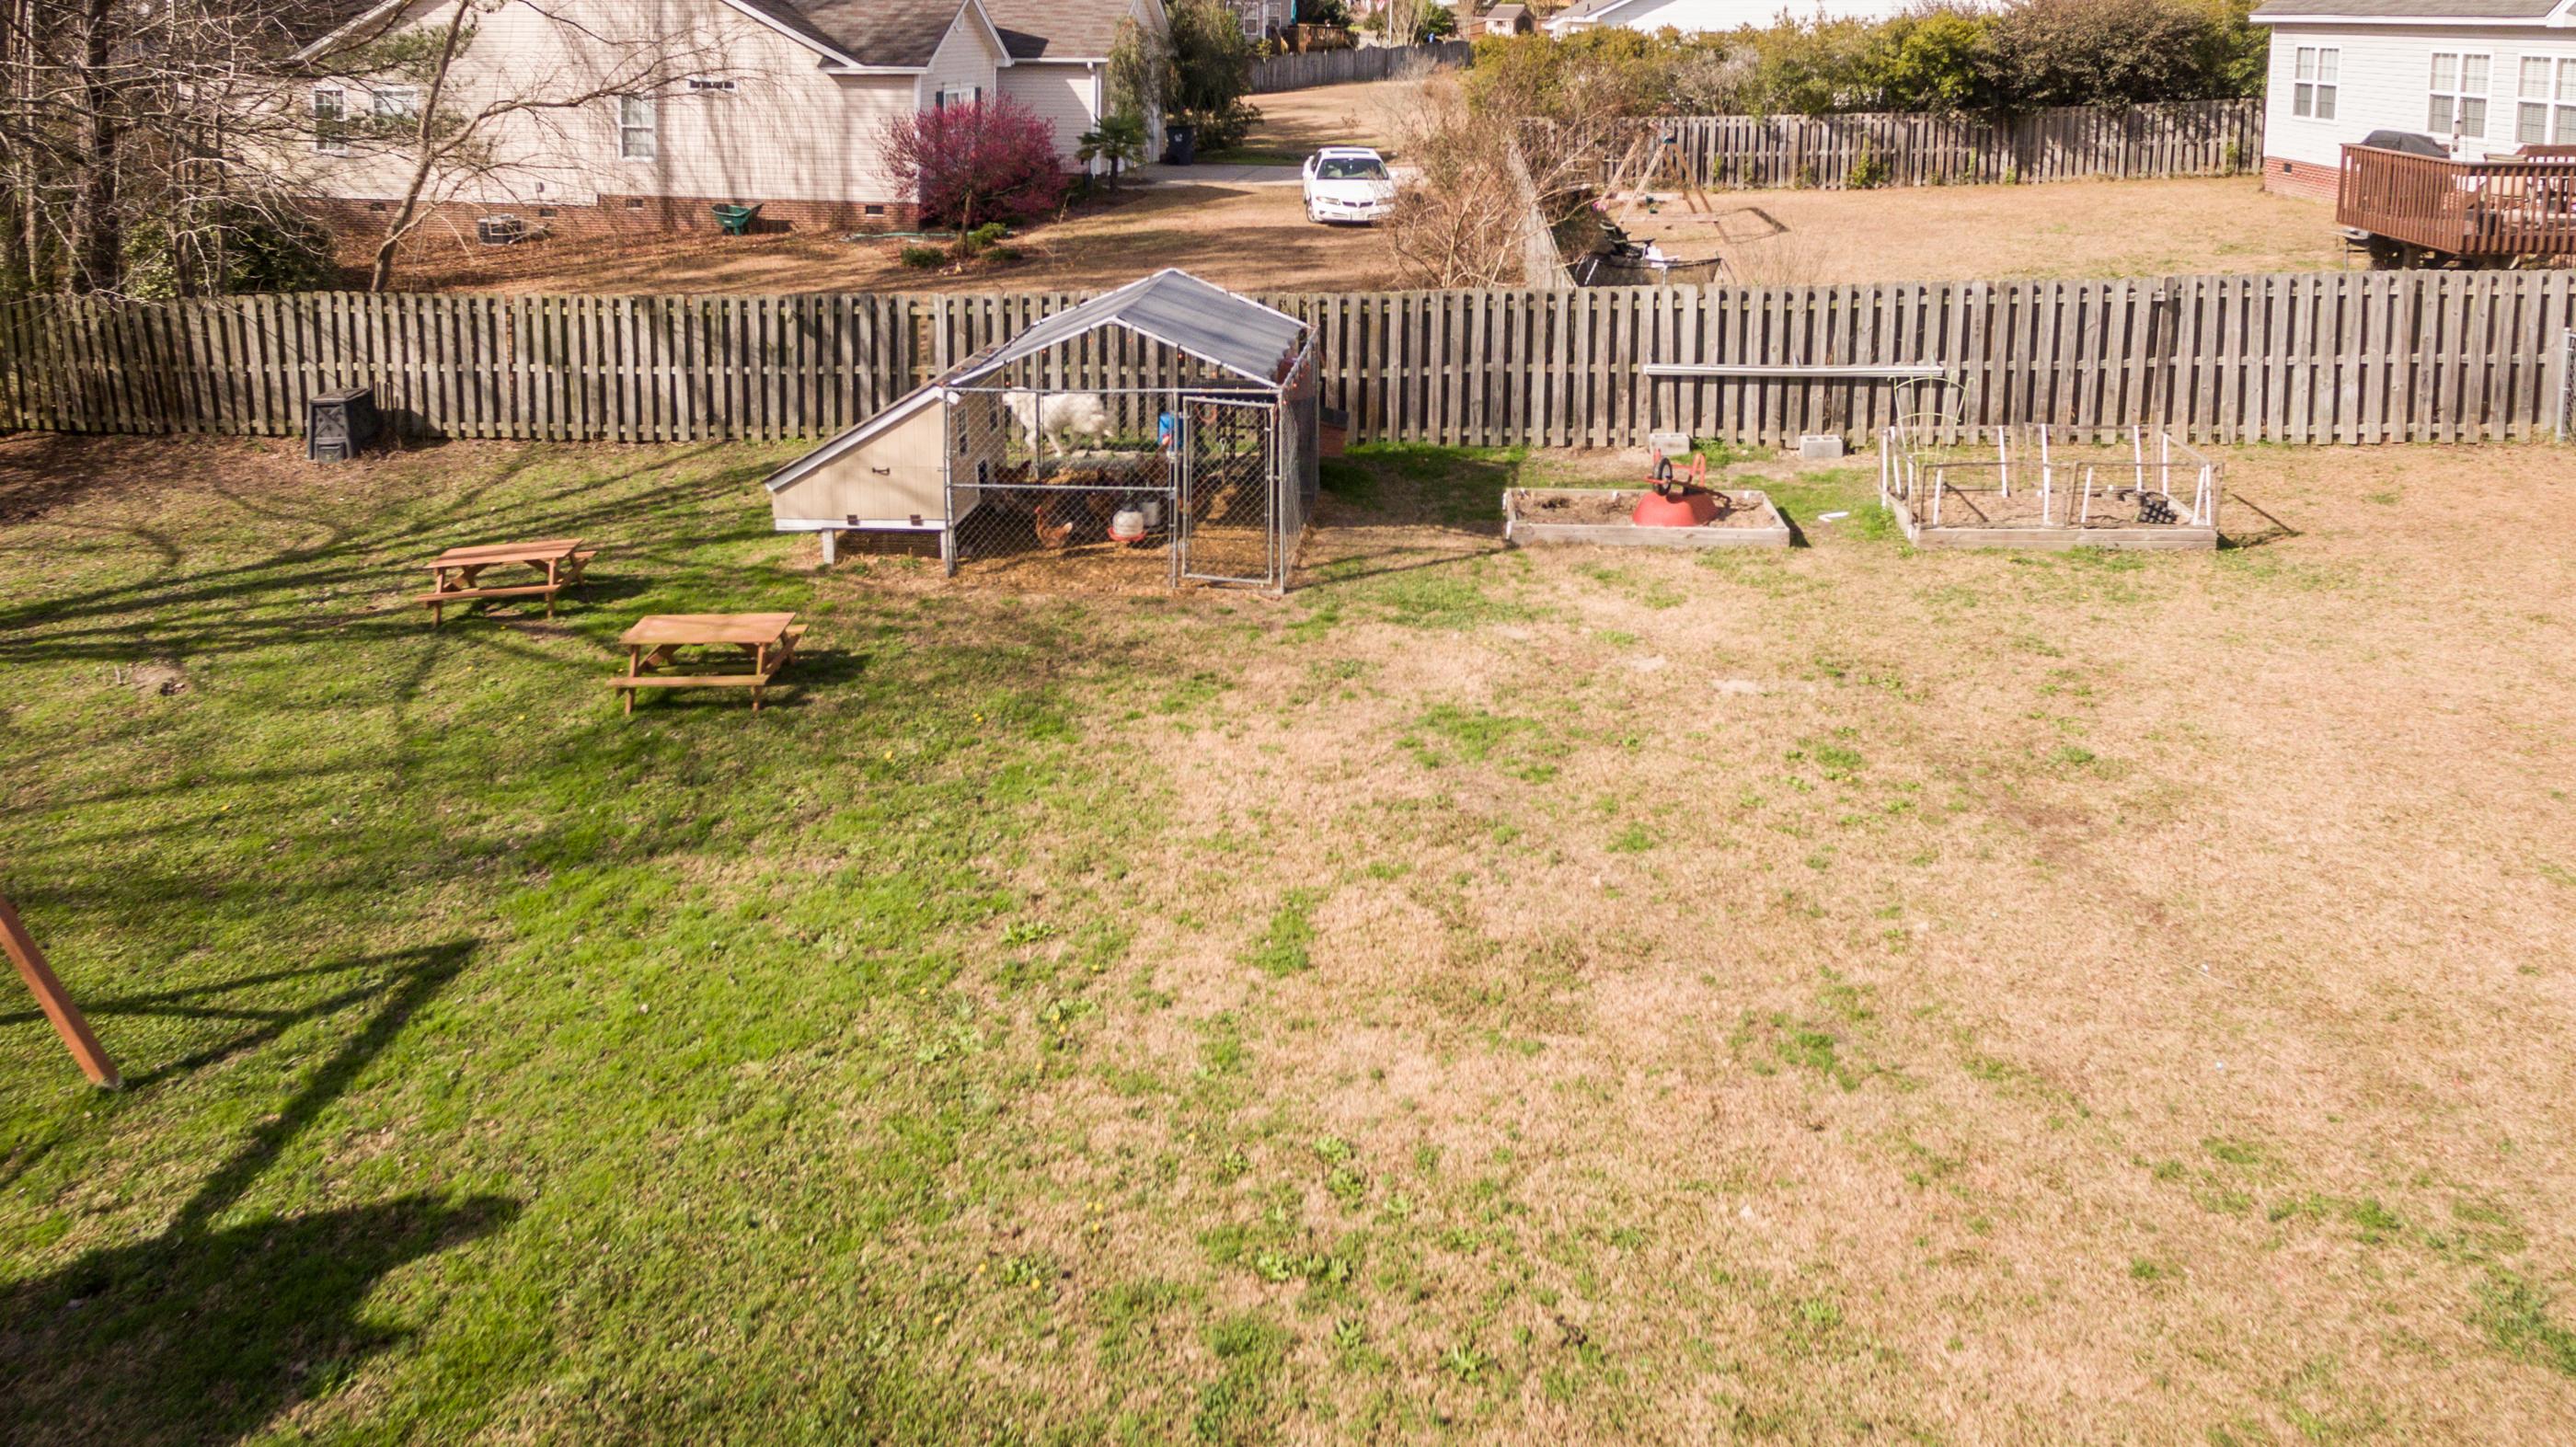 617 Park Road Lexington Sc - for sale